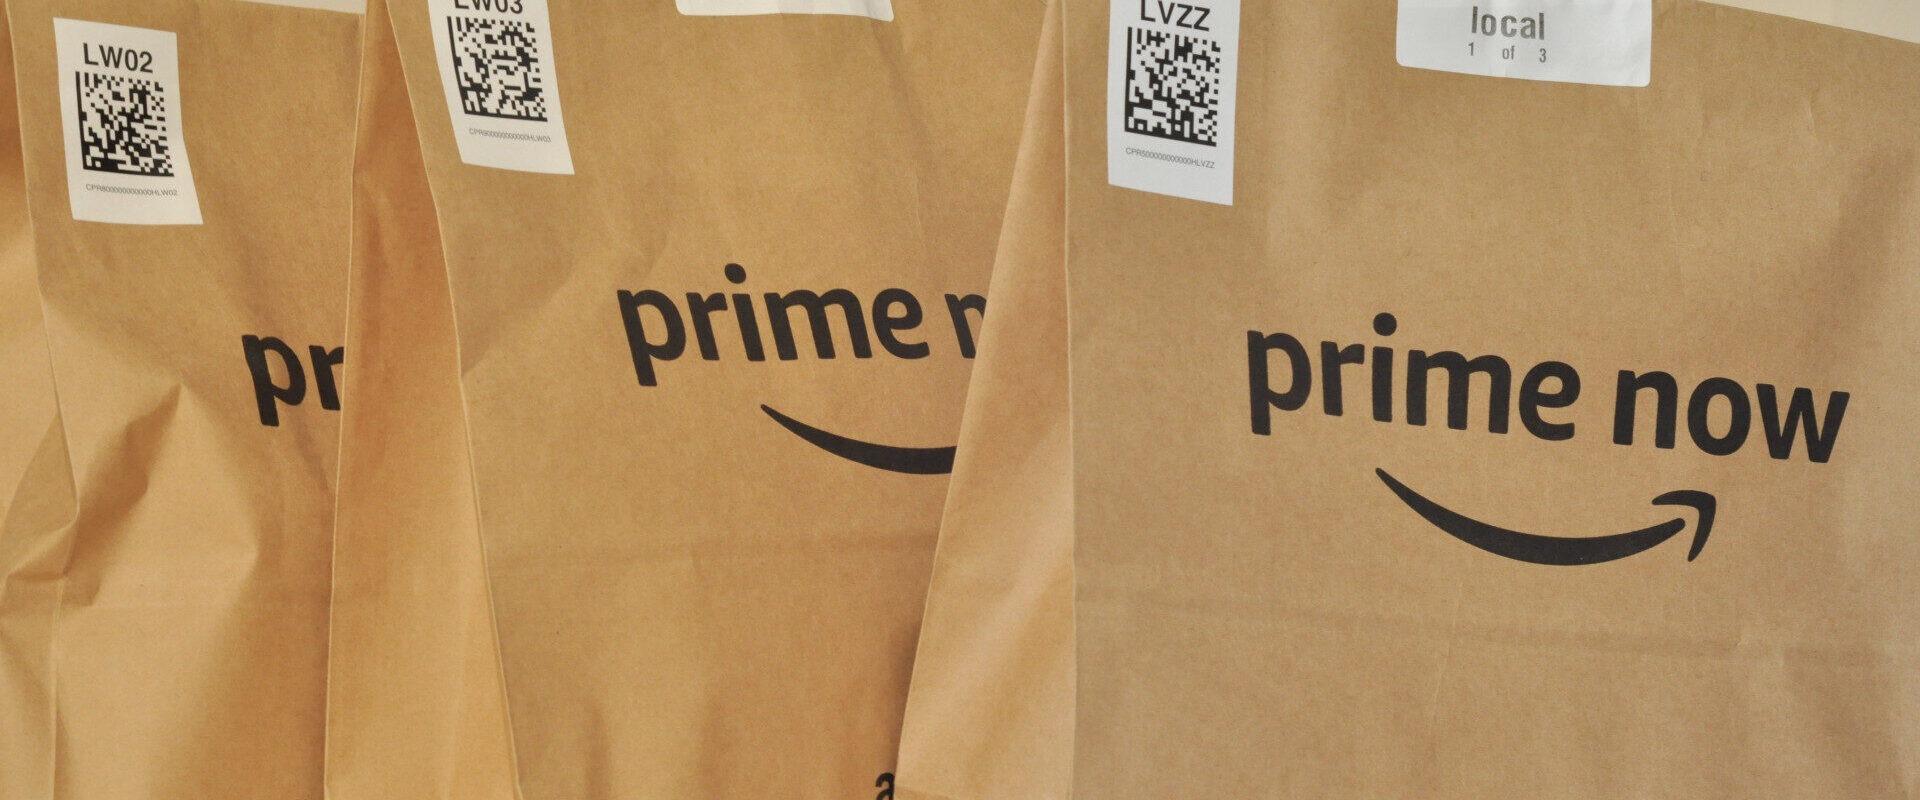 À Strasbourg, les dessous balbutiants de la livraison express d'Amazon